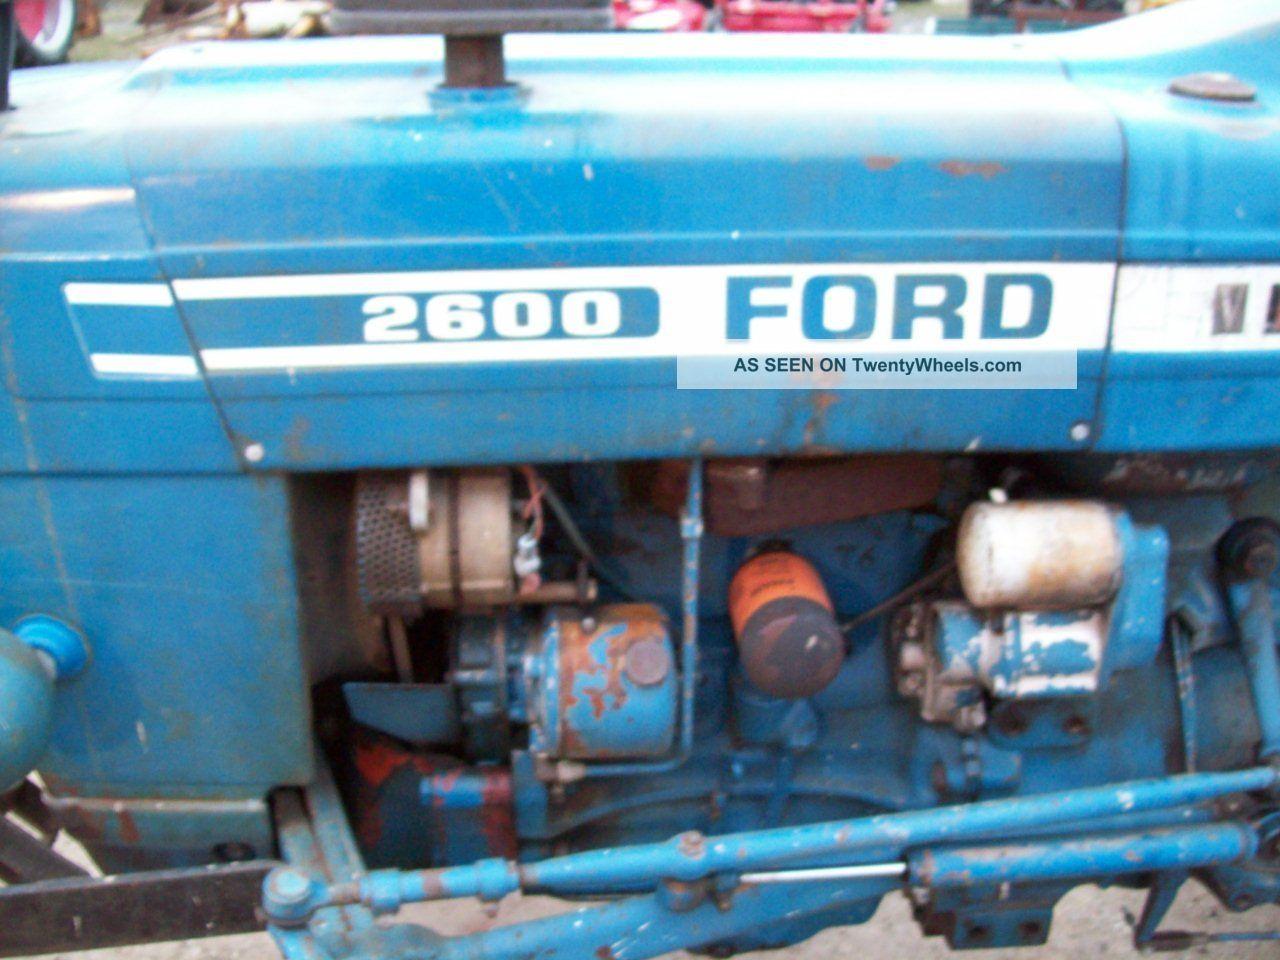 Wiring Schematic For 2600 Ford Diesel Tractor Autos Weblog